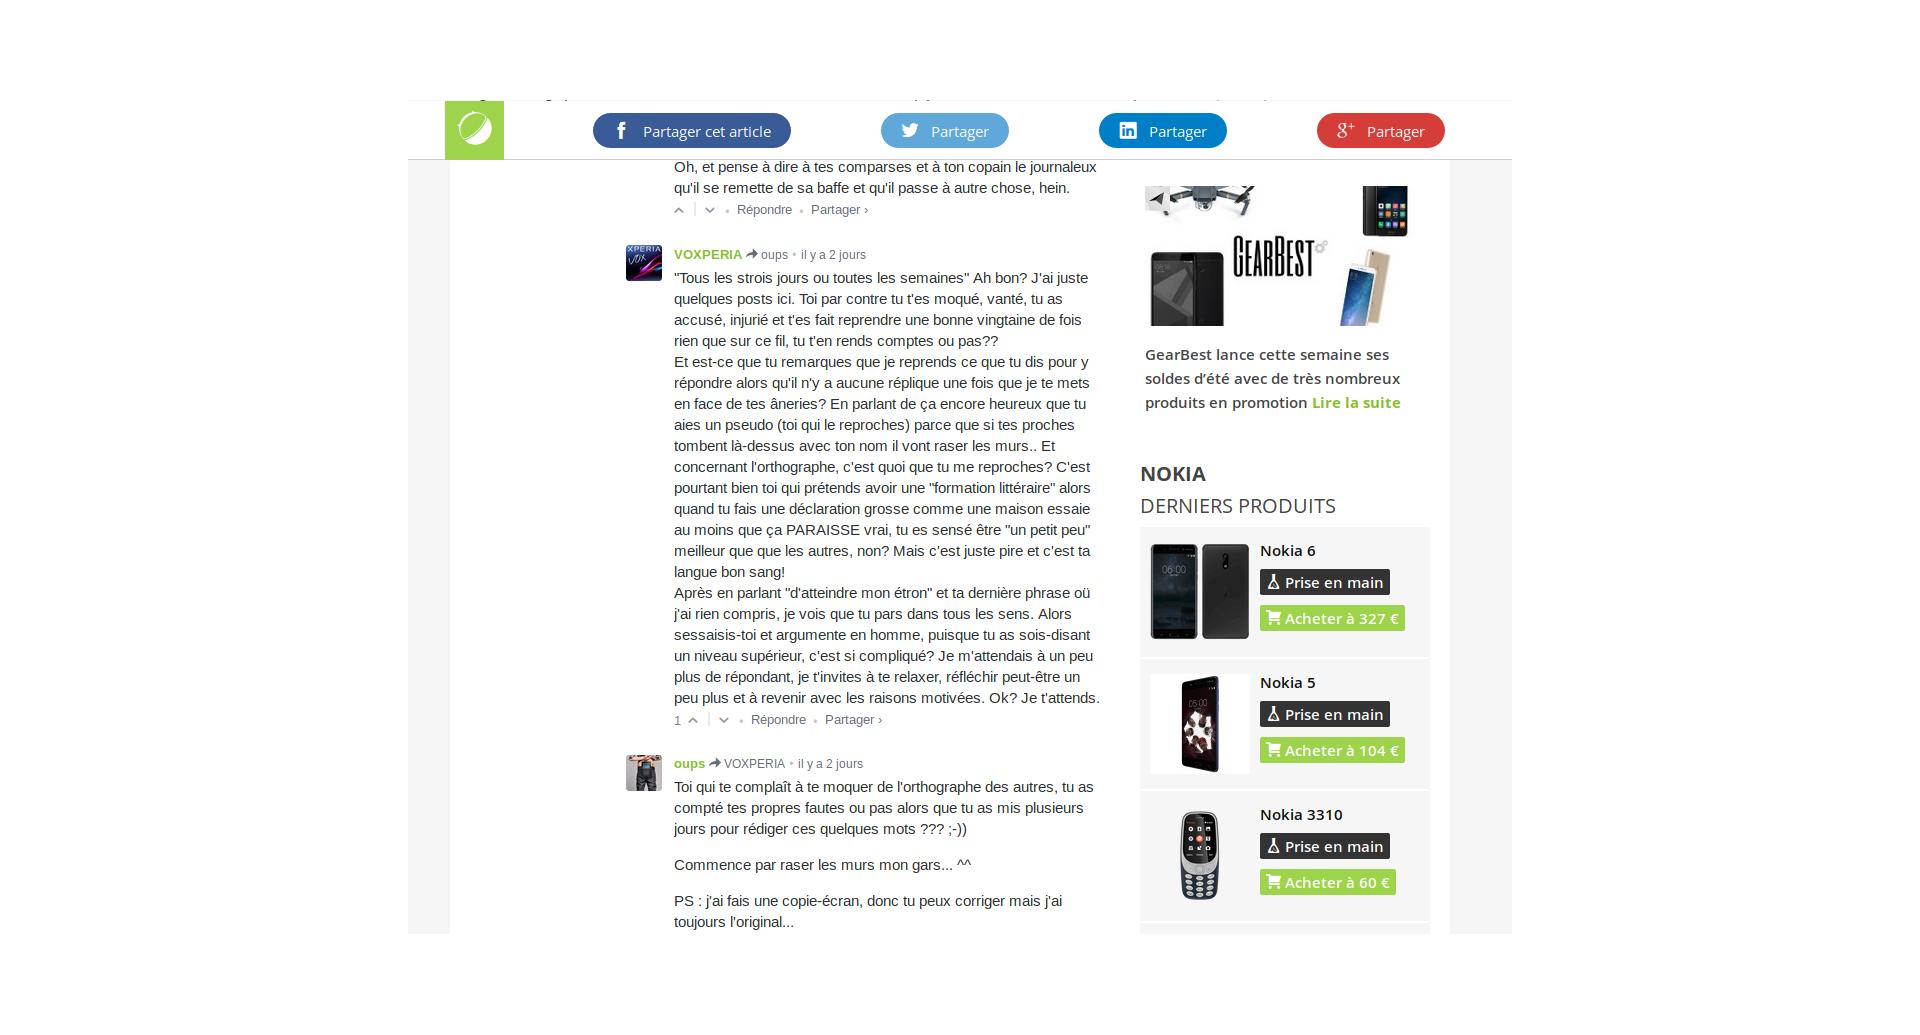 Exclusif a essayé le Nokia 8 avant sa présentation impressions et caractéristiques FrAndroid